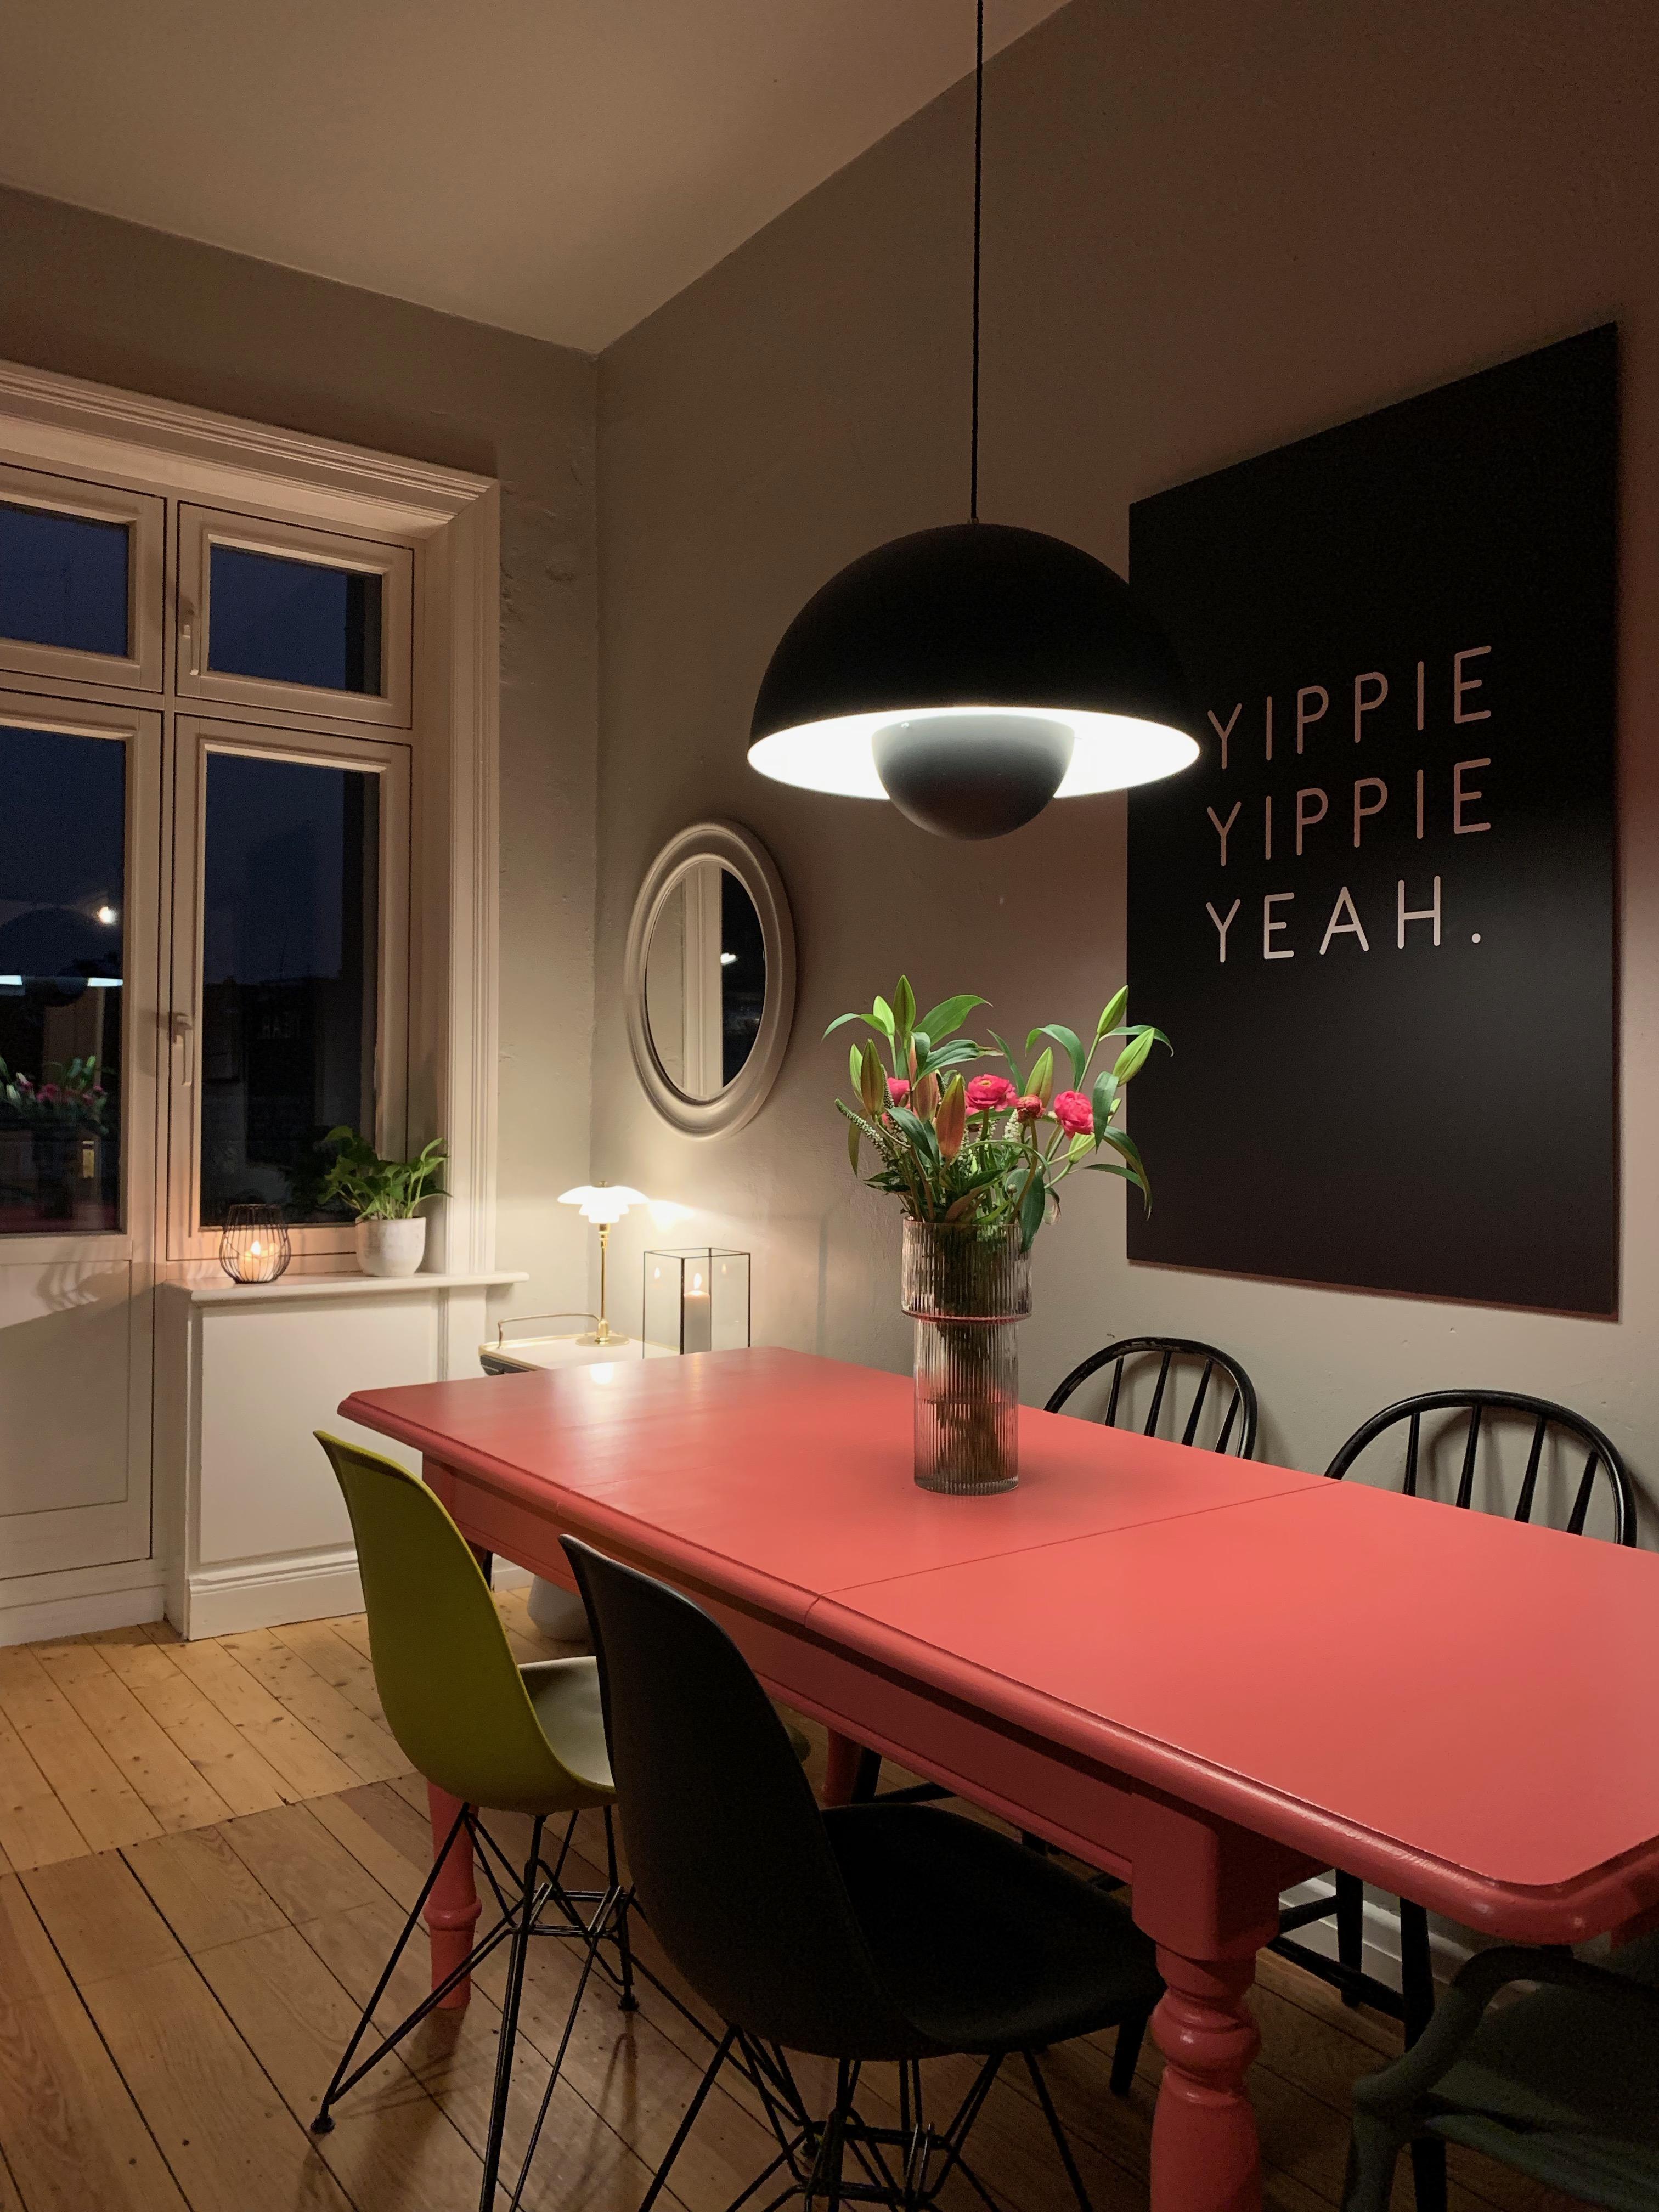 Farbe In Der Wohnung Ein Paar Tipps Zur Auswahl Der Richtigen Wandfarbe Farbe Elbgestoeber